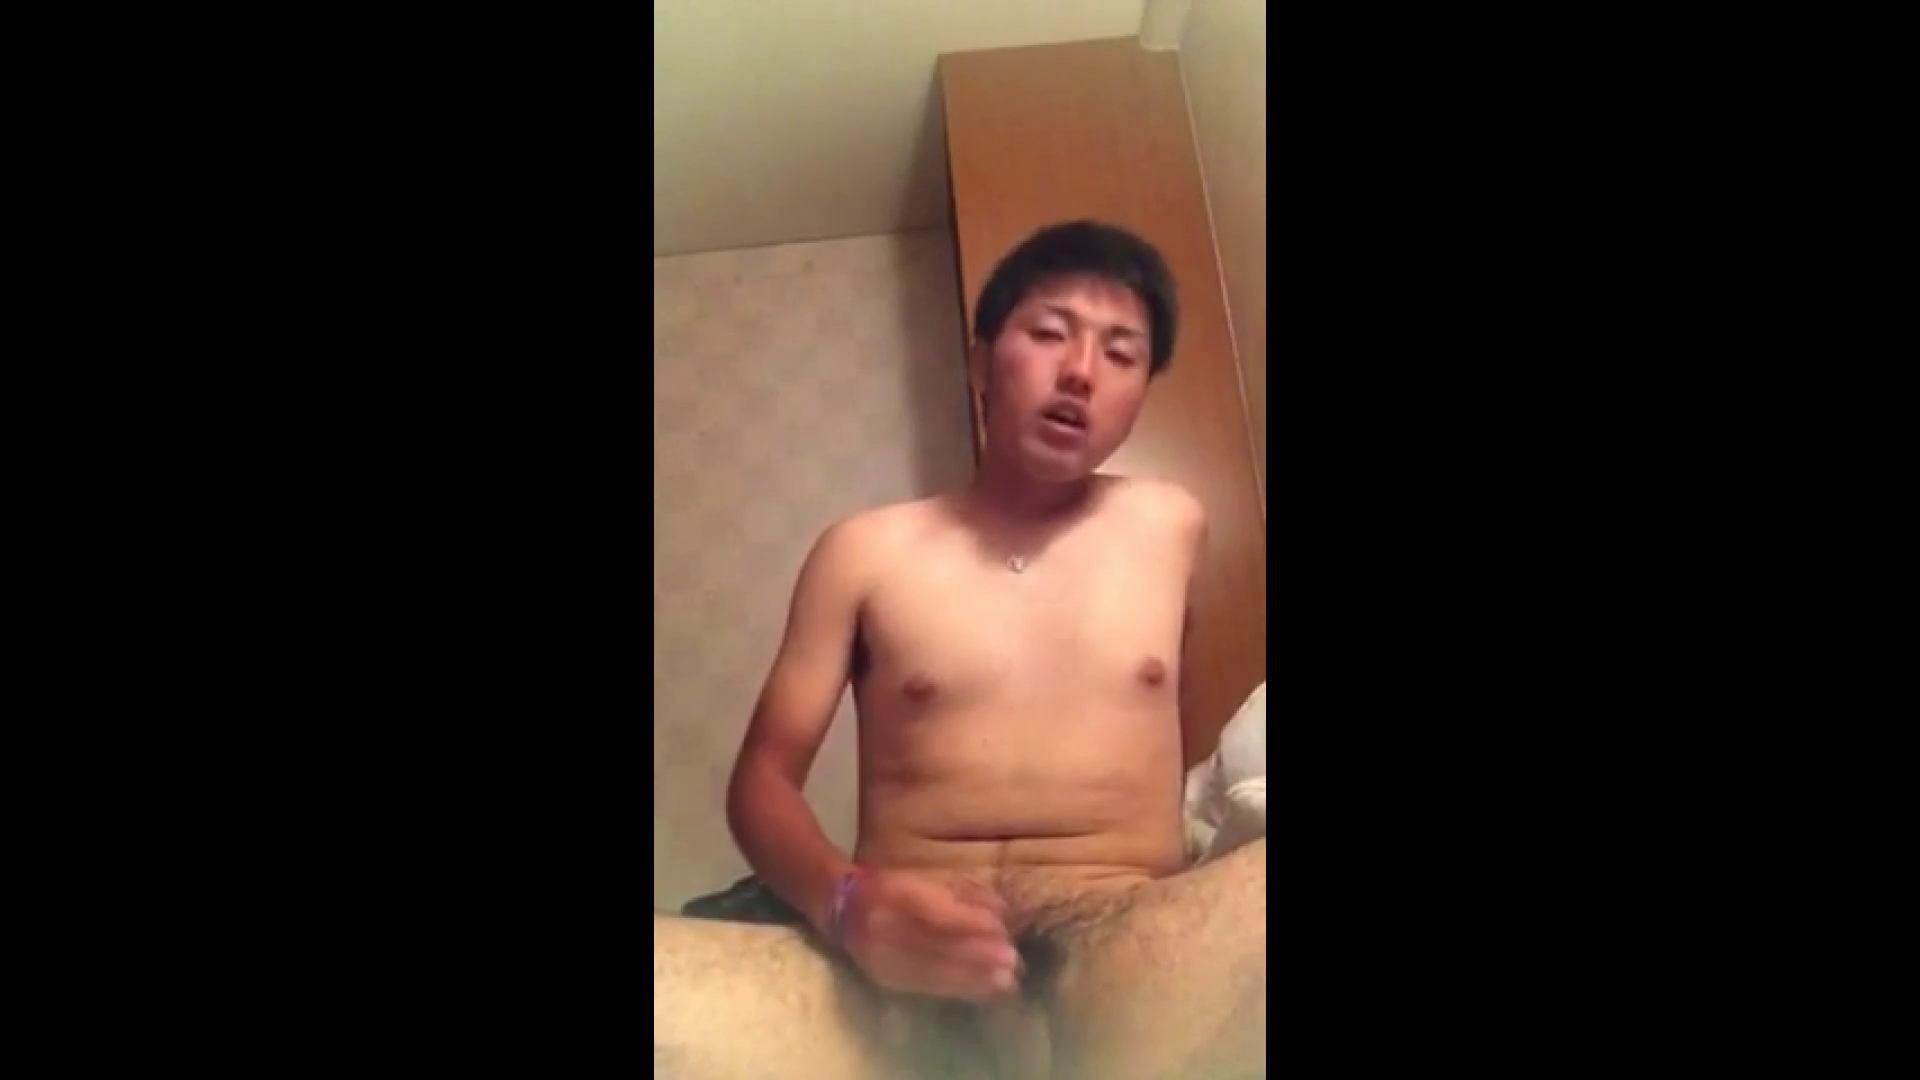 キター!ノンケちゃんオナニー特集vol.29 ノンケ天国 ゲイアダルト画像 107pic